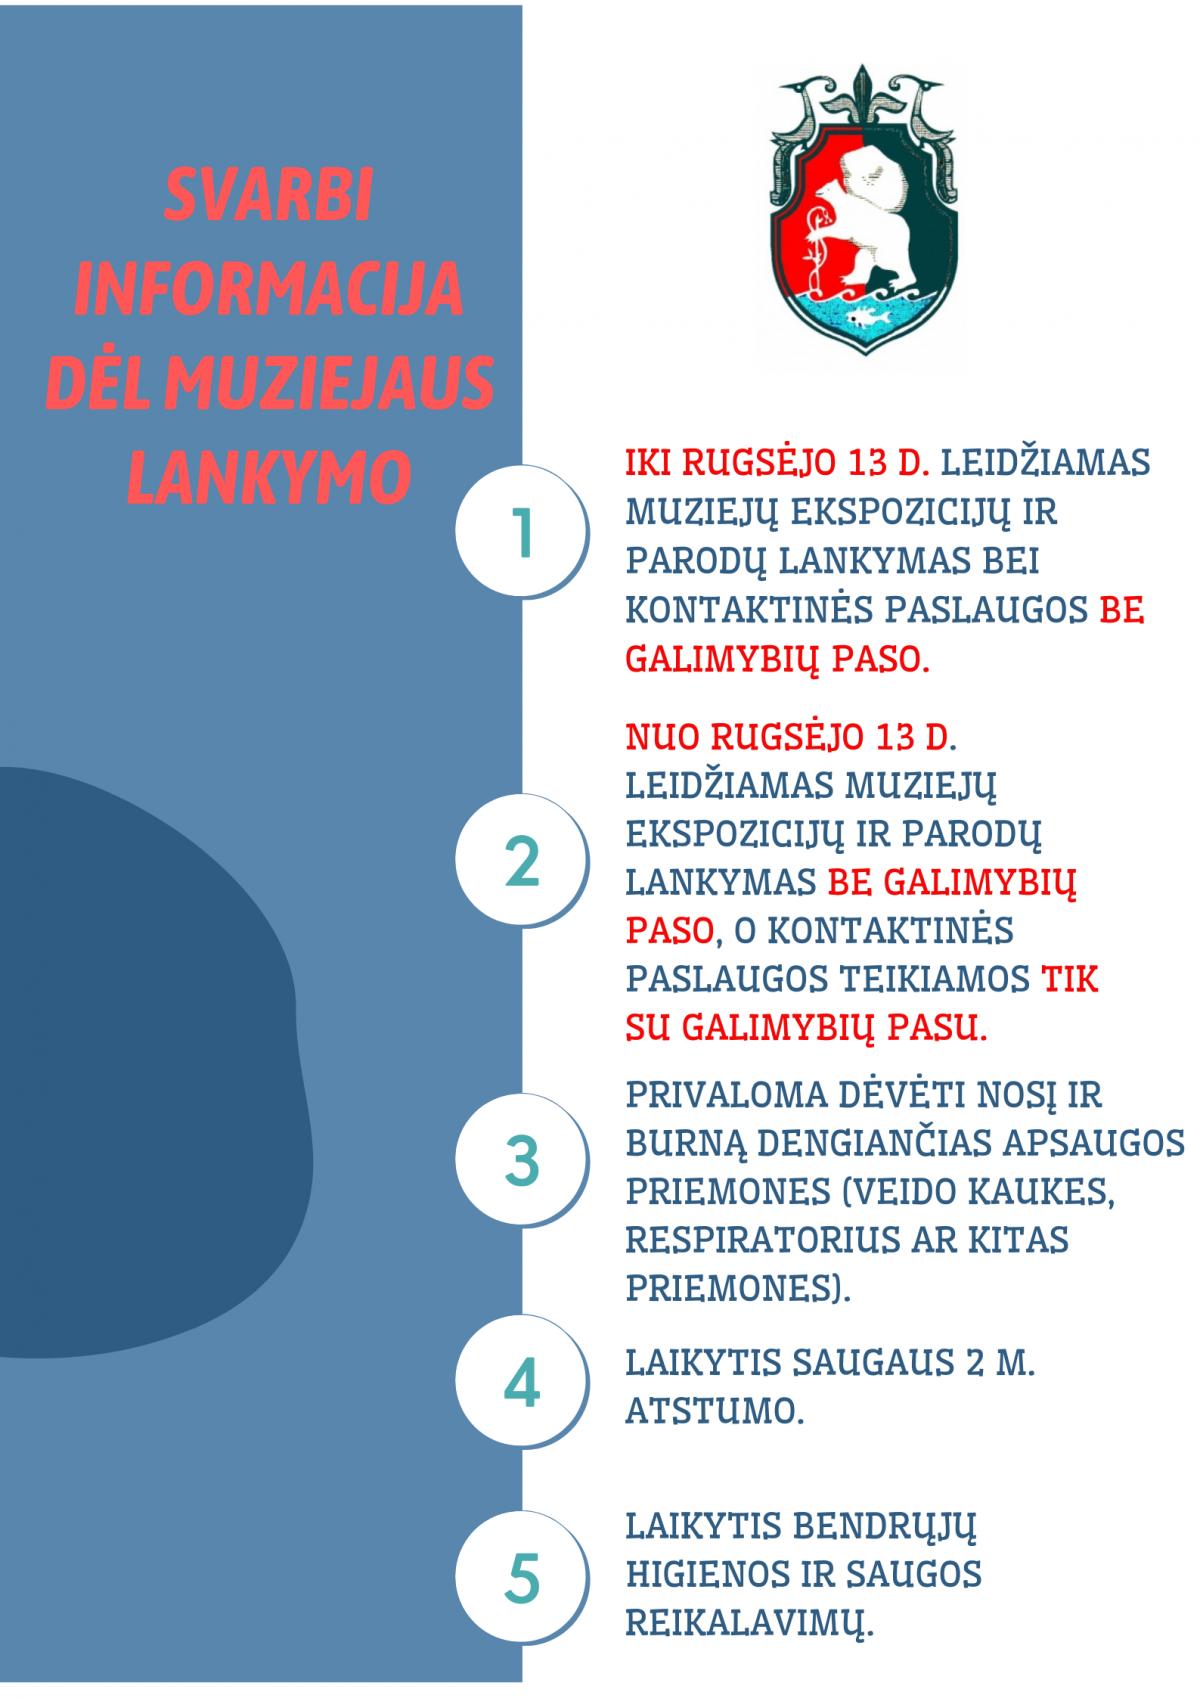 SVARBI-INFORMACIJA-DĖL-MUZIEJAUS-LANKYMO-1-1200x1698.png